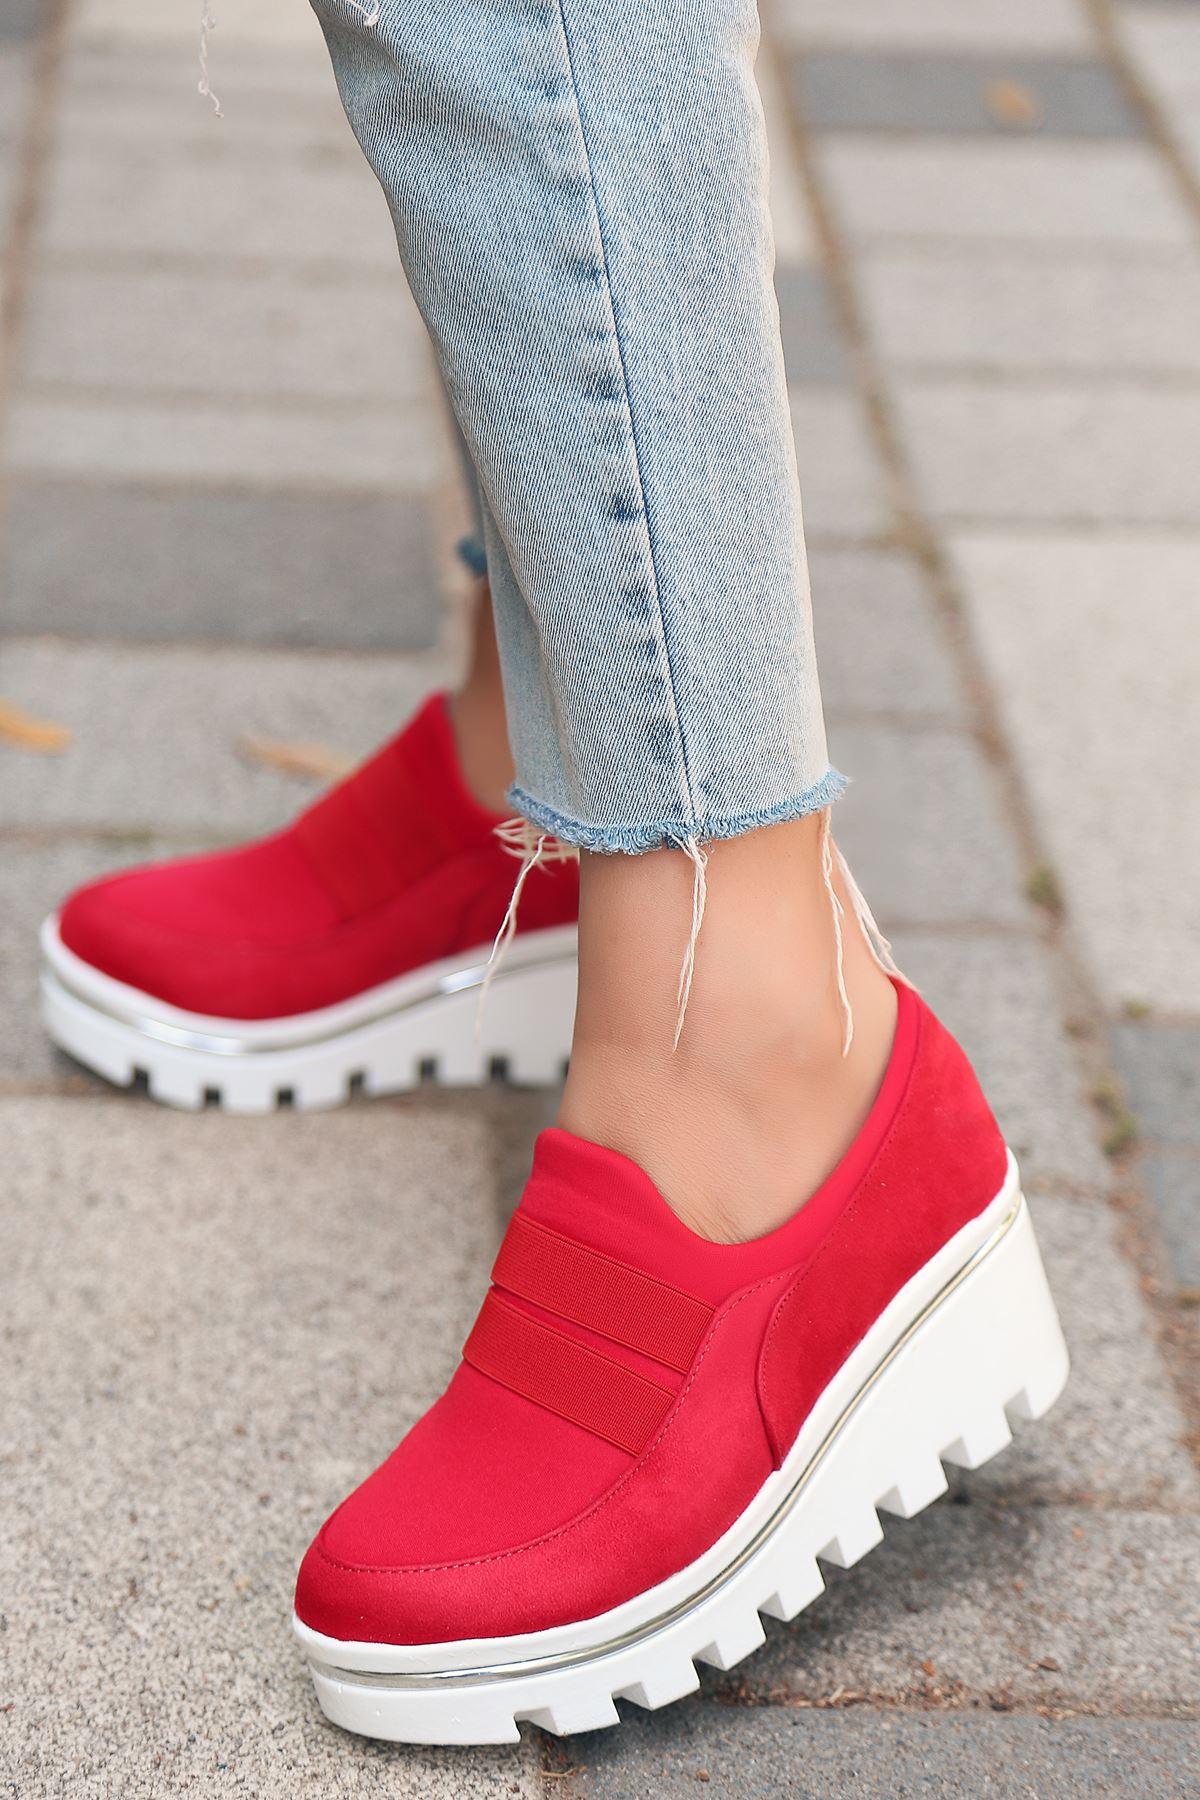 Bratz Lastik Dolgu Topuk Ayakkabı Kırmızı Süet